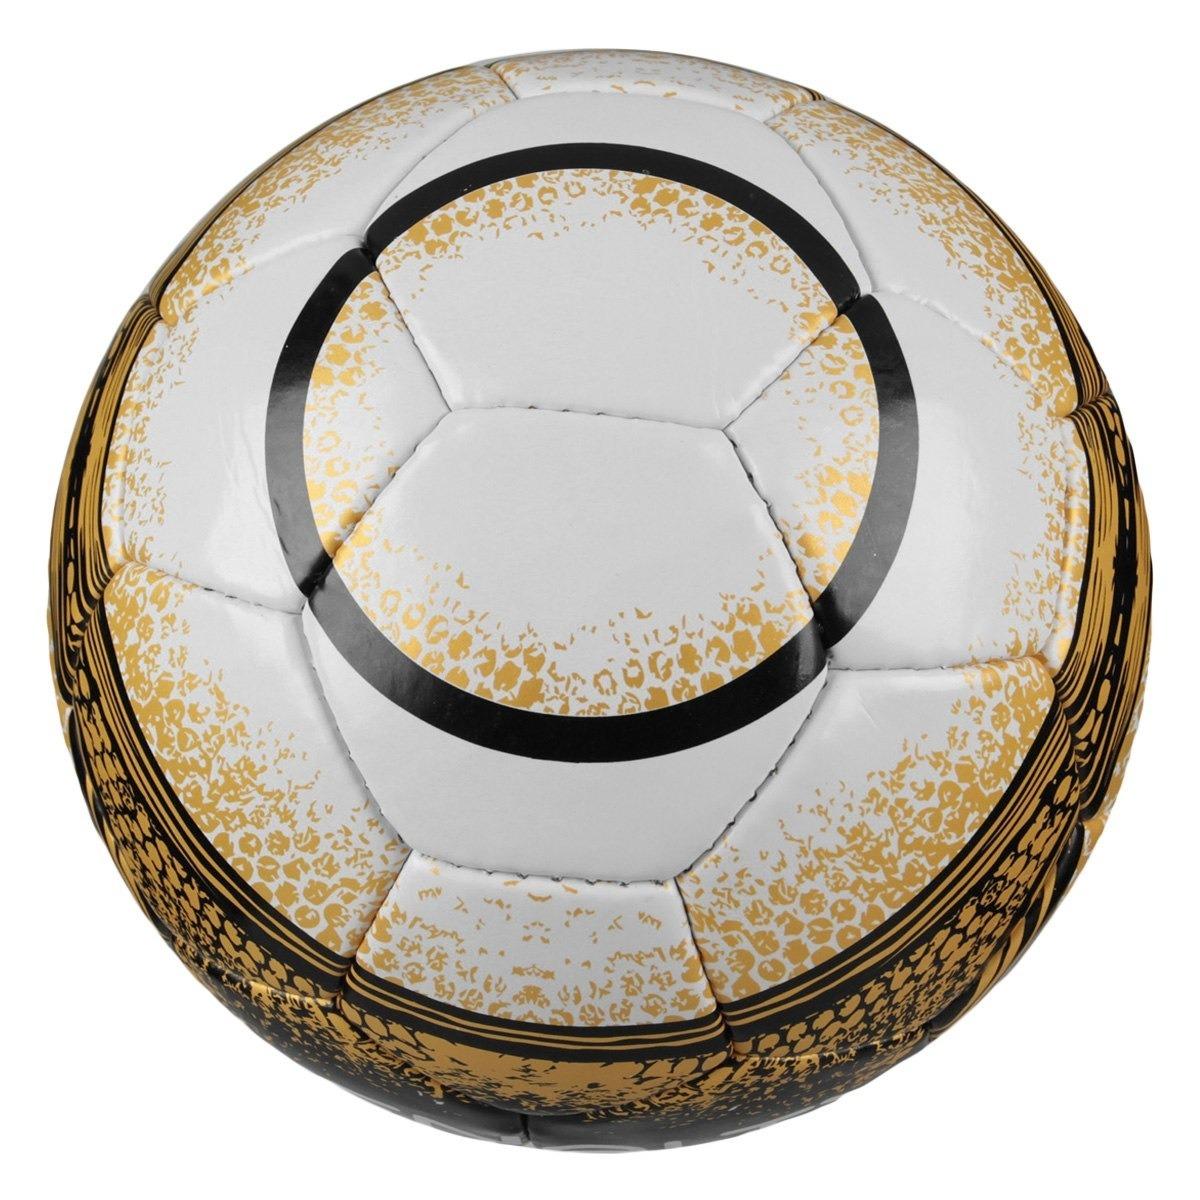 e039ea6f70 Bola De Futebol De Campo Oficial Storm Penalty Costurada - R  90